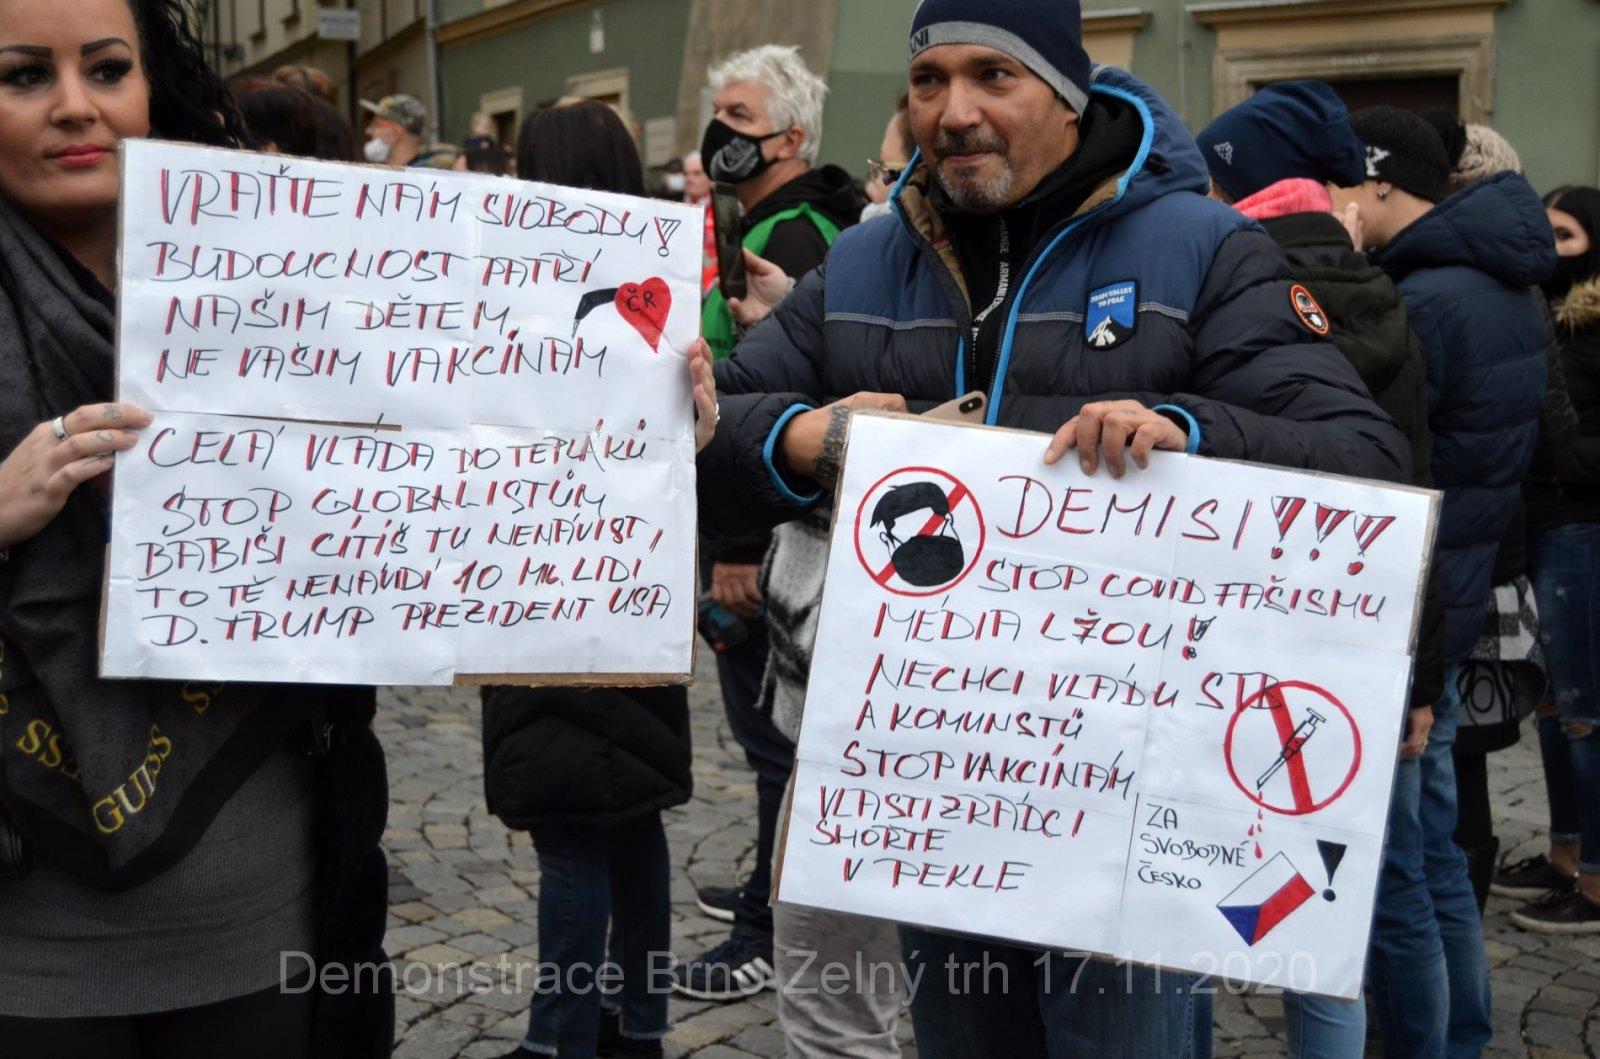 Demonstrace proti vládním omezením Brno 17.11.2020